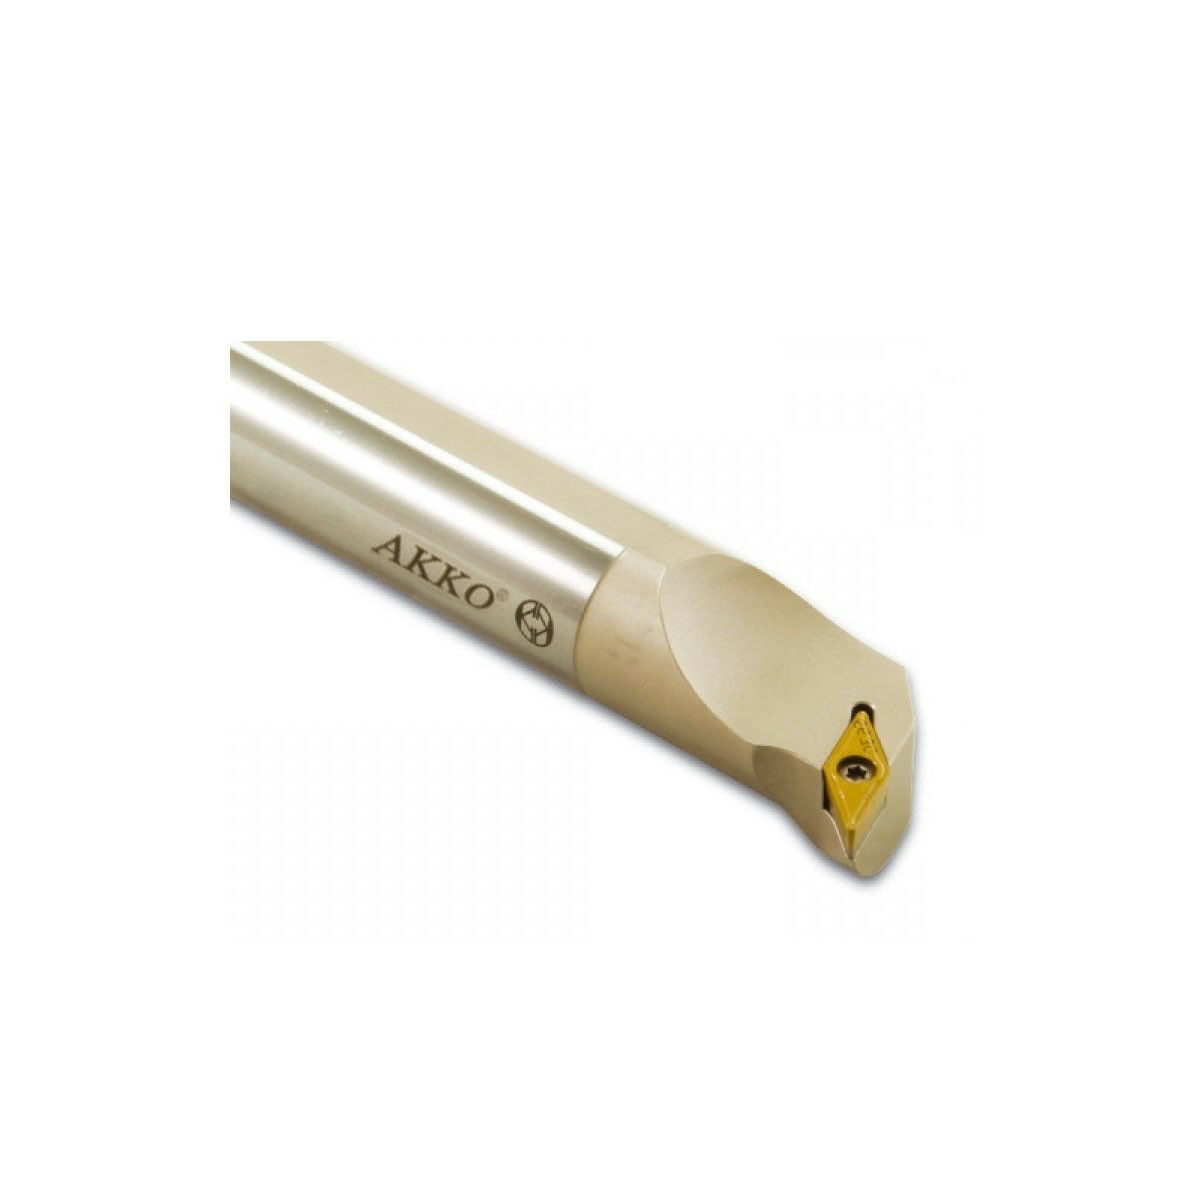 NEU AKKO Bohrstange rechts Ø 40 mm SVJBR 16 für ISO Wendeplatte VBMT 1604